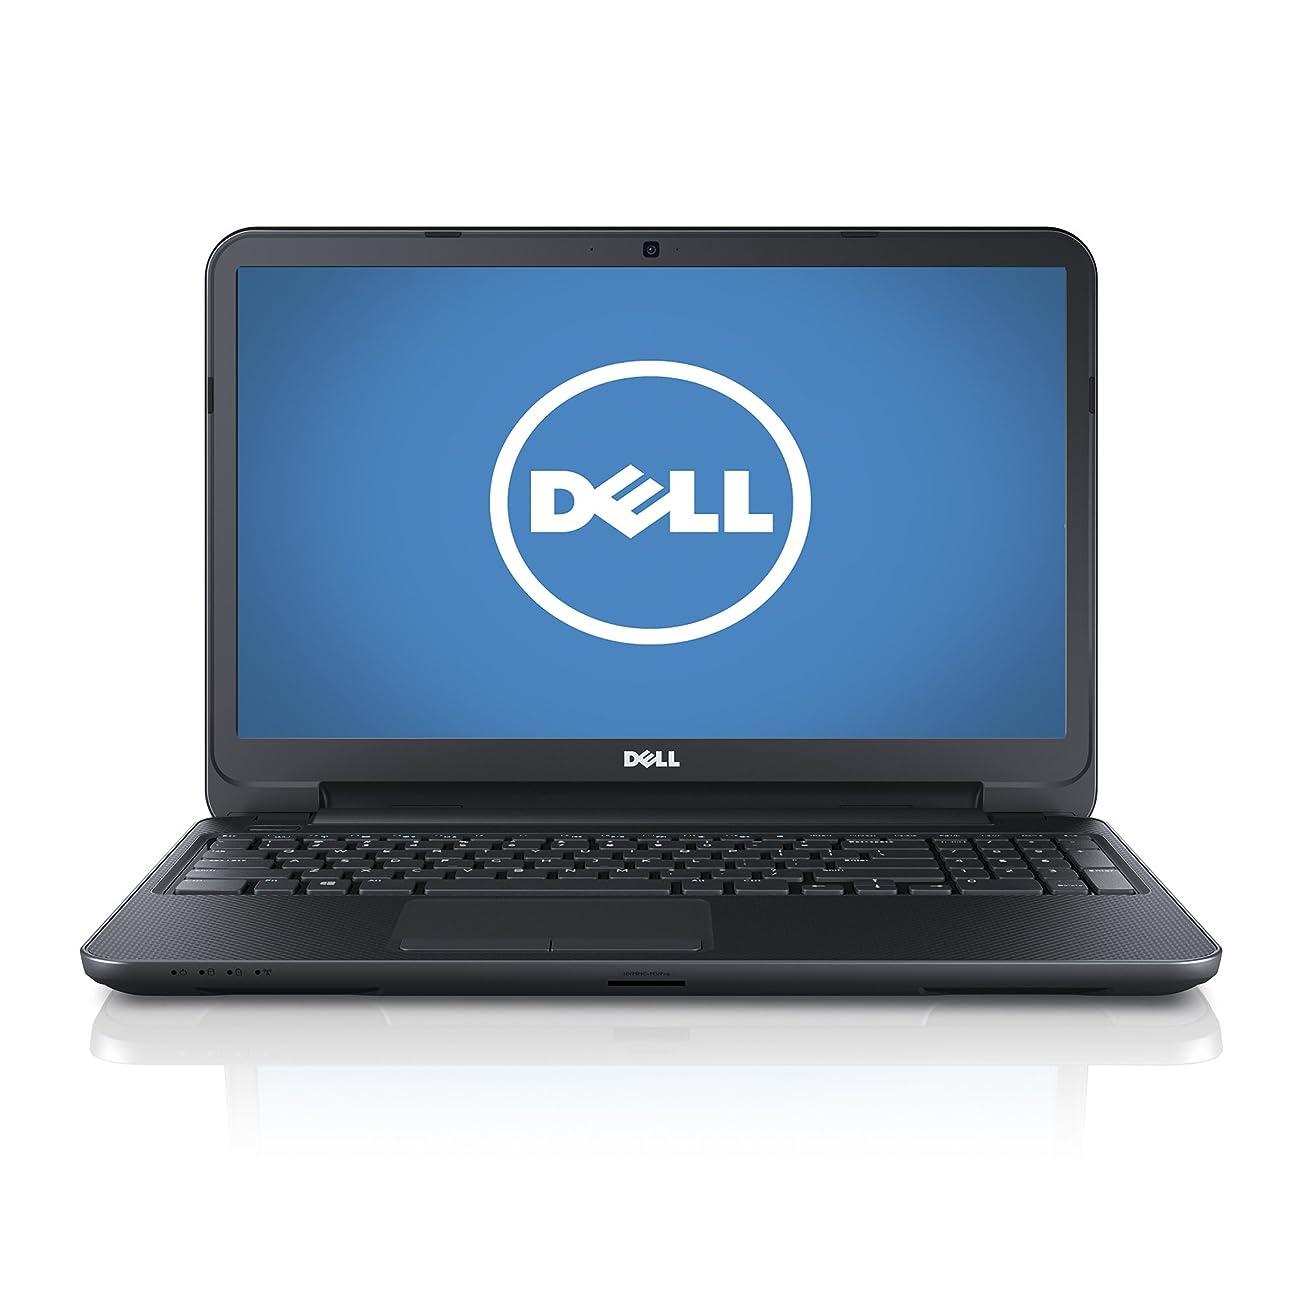 実業家クモ債務デル インスパイロン ノートパソコン Dell Inspiron 15.6-Inch Laptop (Pentium-2127U  1.9GHz/ 4GB RAM/ 500GB HDD/ Windows 8) 【並行輸入品】